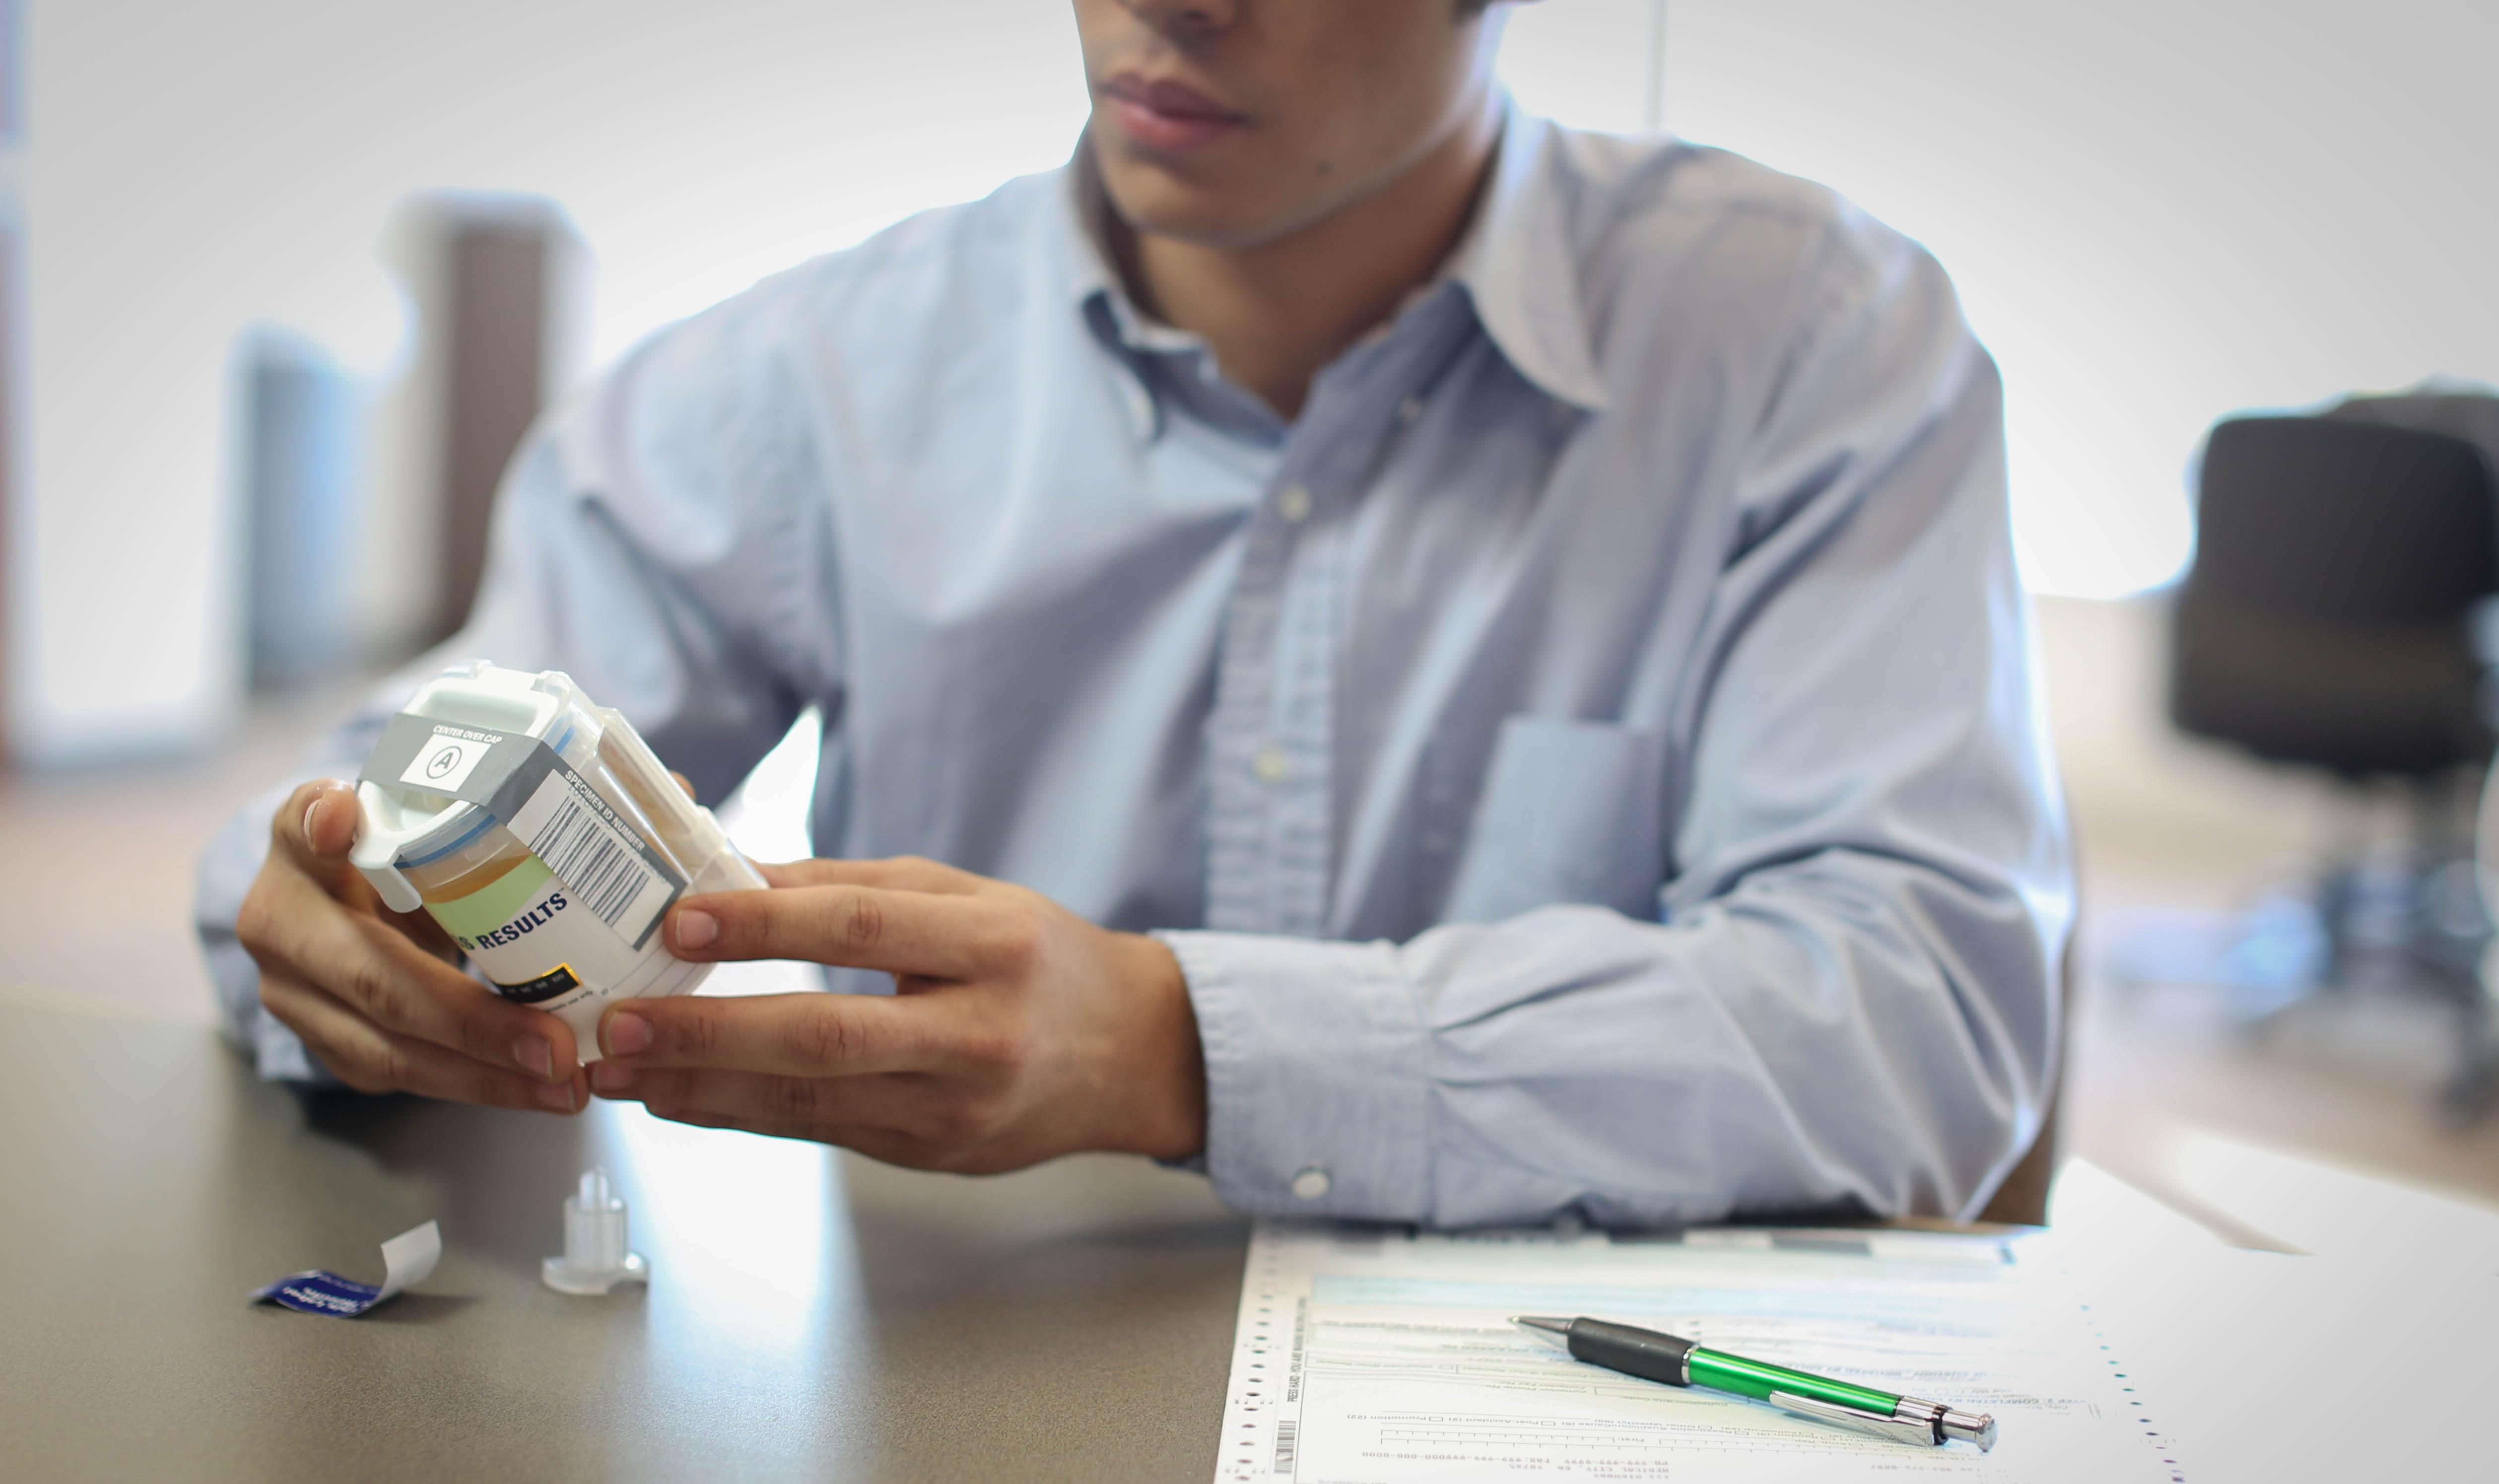 New to drug testing: Cold medicine's effect on drug test